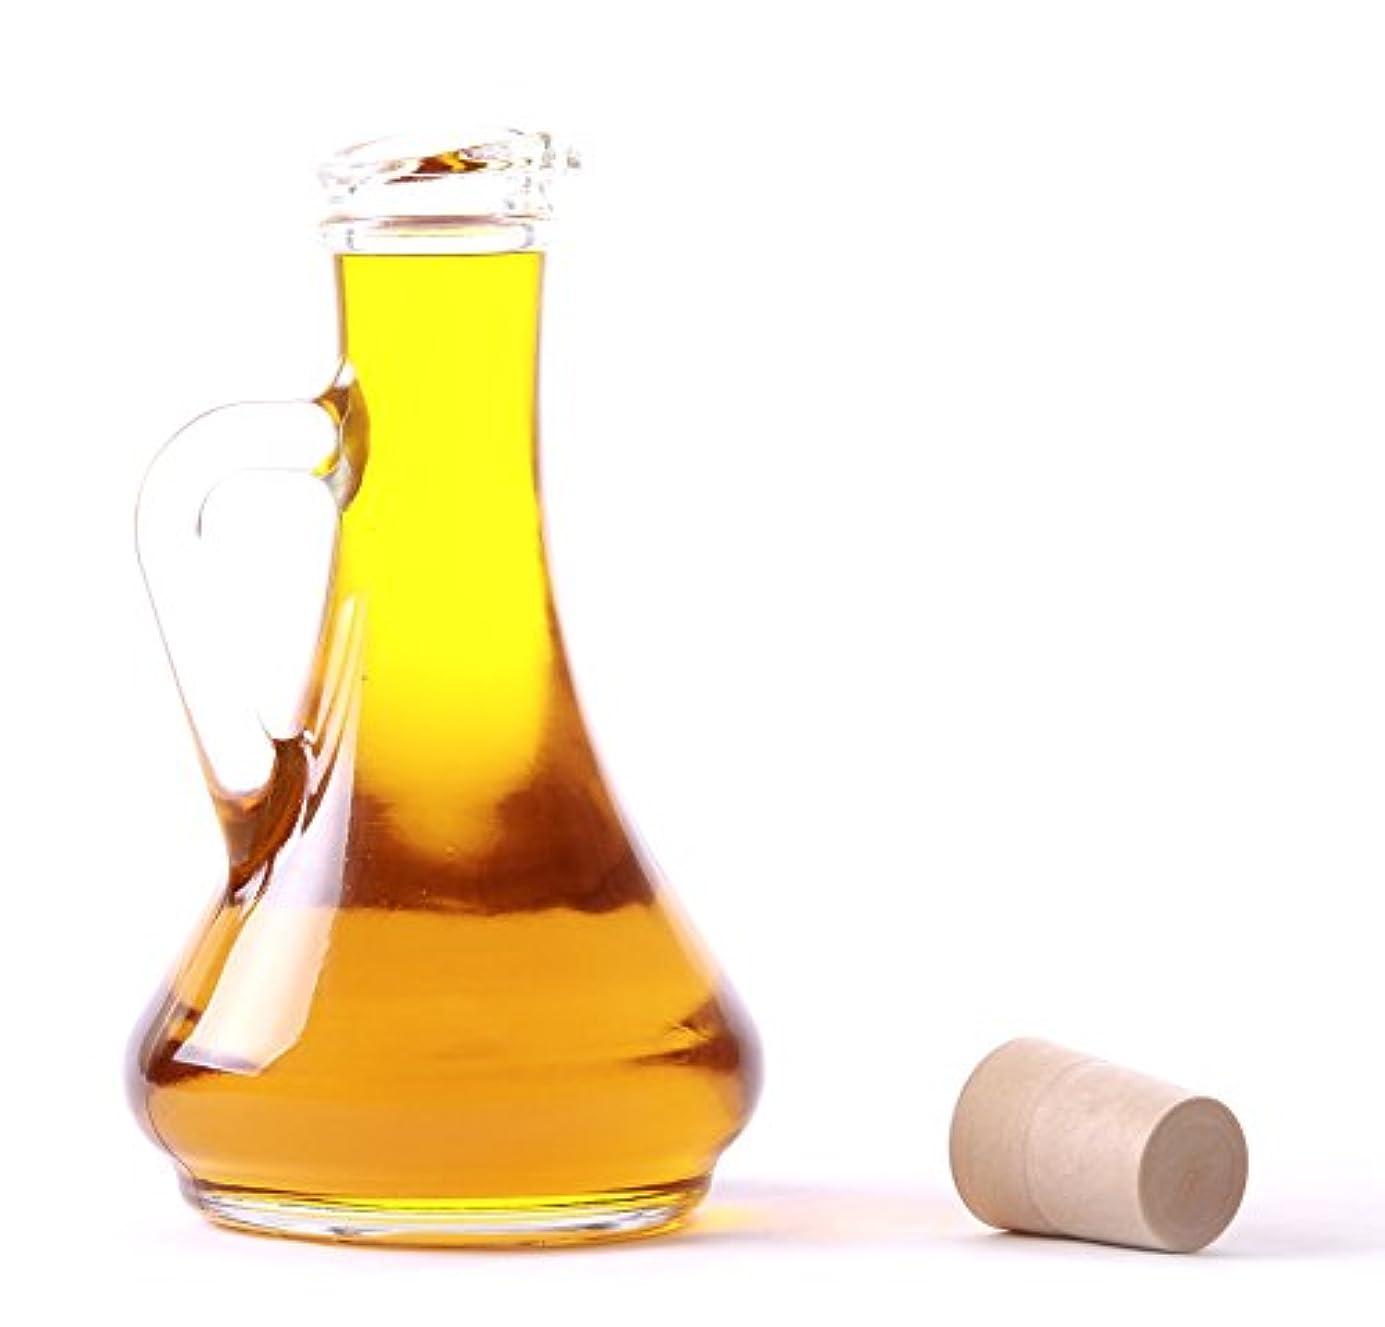 メカニック内なる空中Mystic Moments   Flaxseed (Linseed) Organic Carrier Oil - 5 Litre - 100% Pure